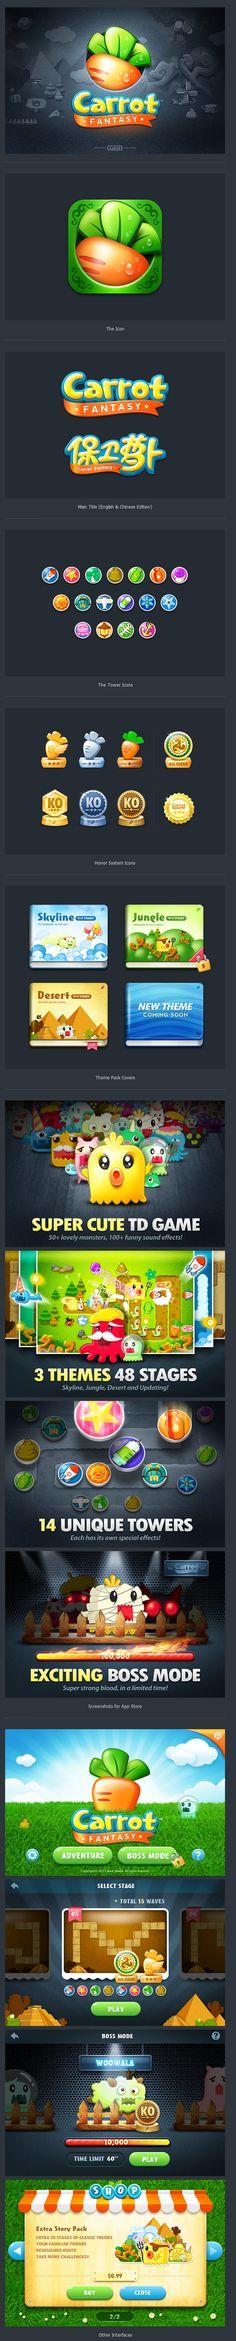 Ideas for games logo design app icon Logo Design App, Game Logo Design, Web Design, Game Gui, Game Icon, Game Interface, User Interface Design, Mobile Game, Mobile Ui